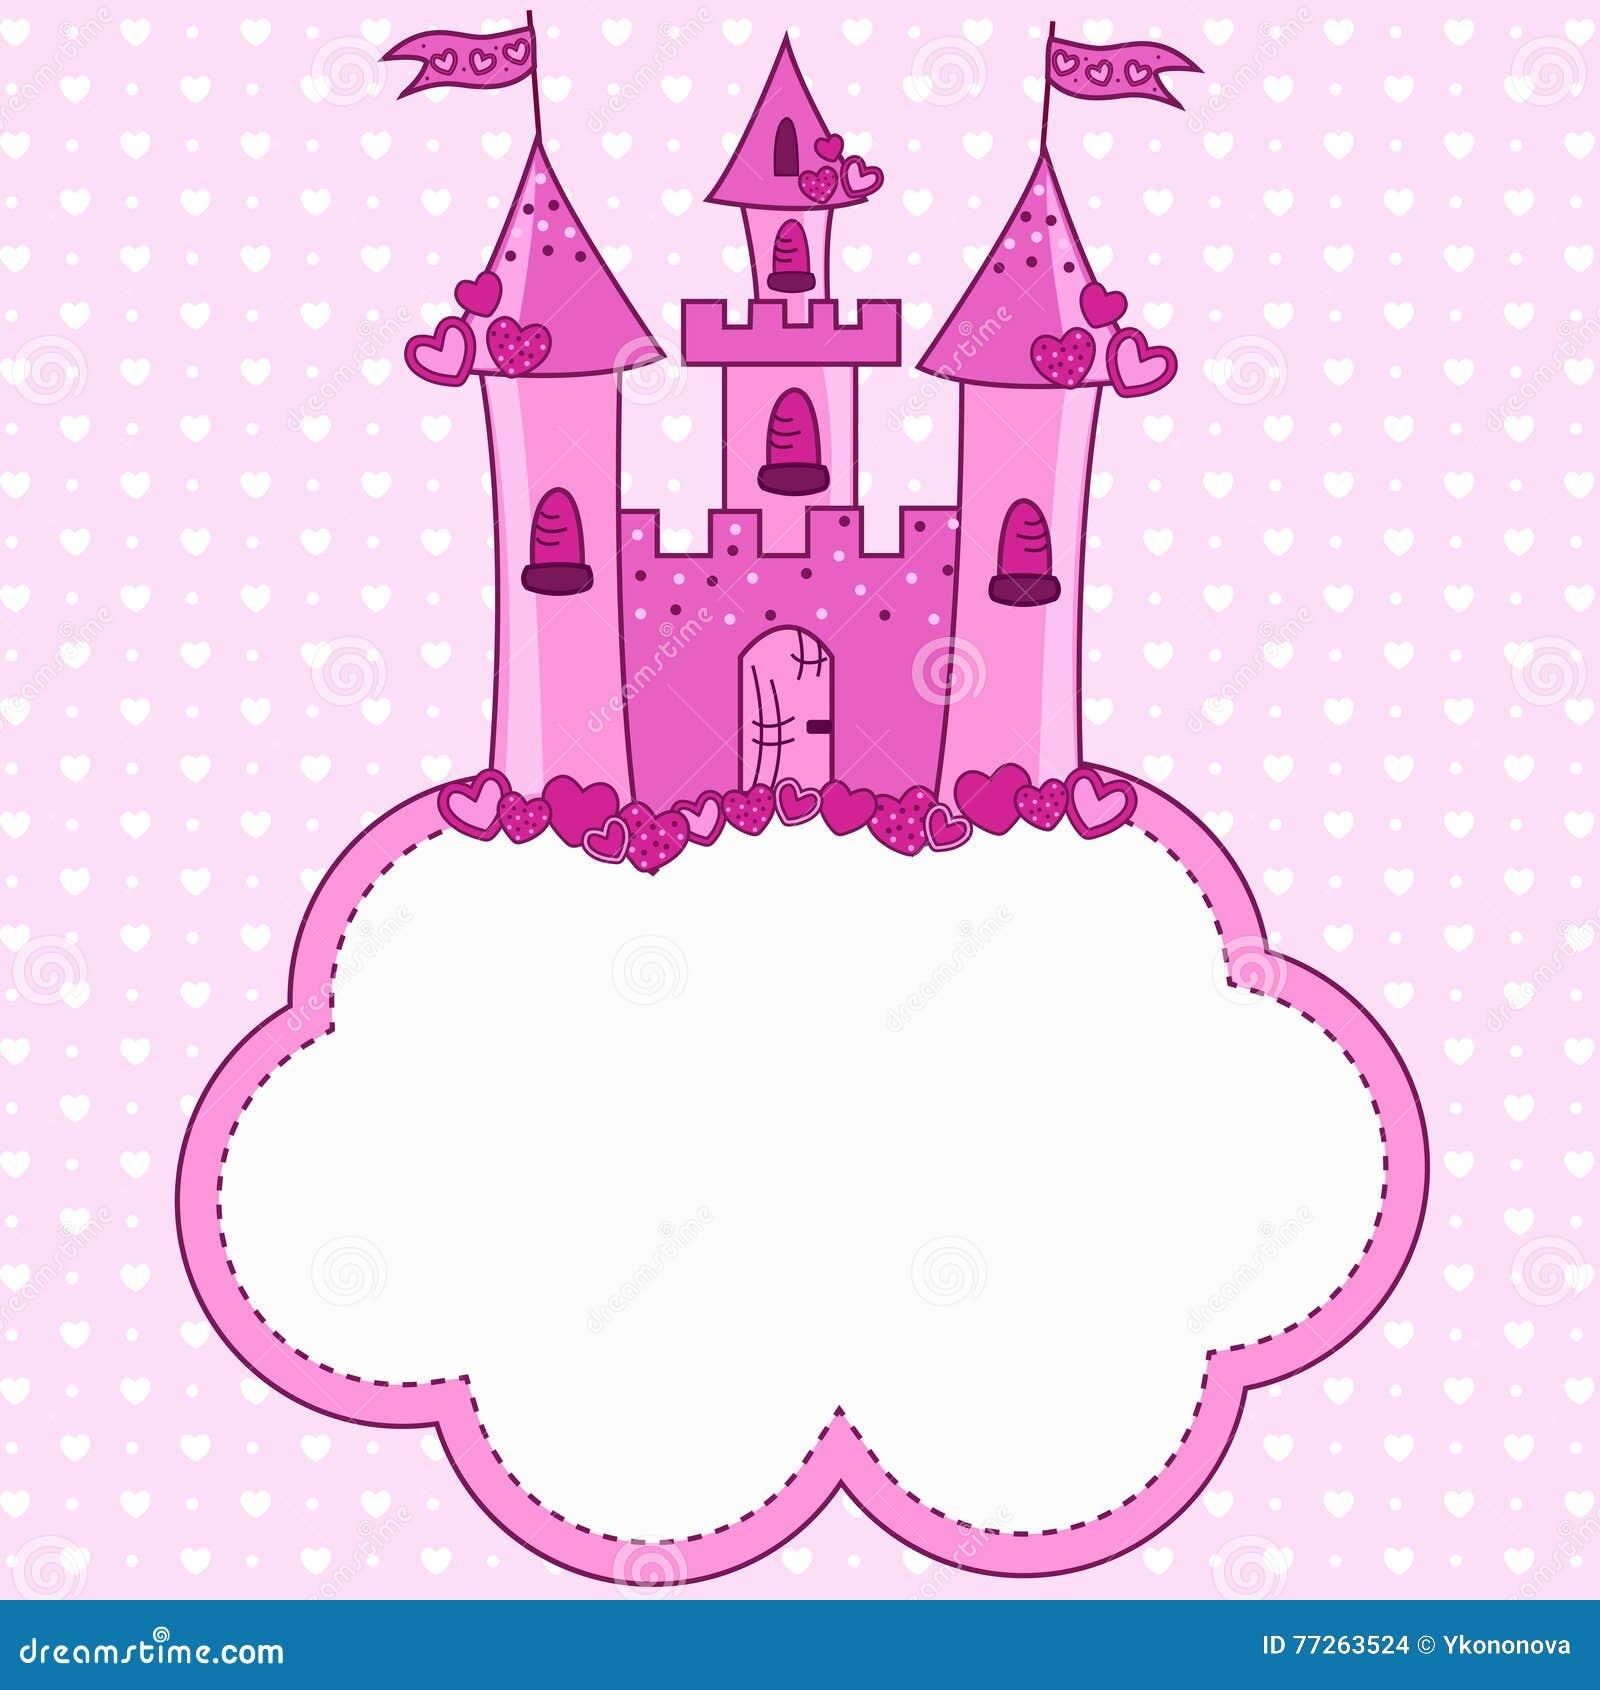 rosa schloss für eine prinzessin auf einer wolke vektor